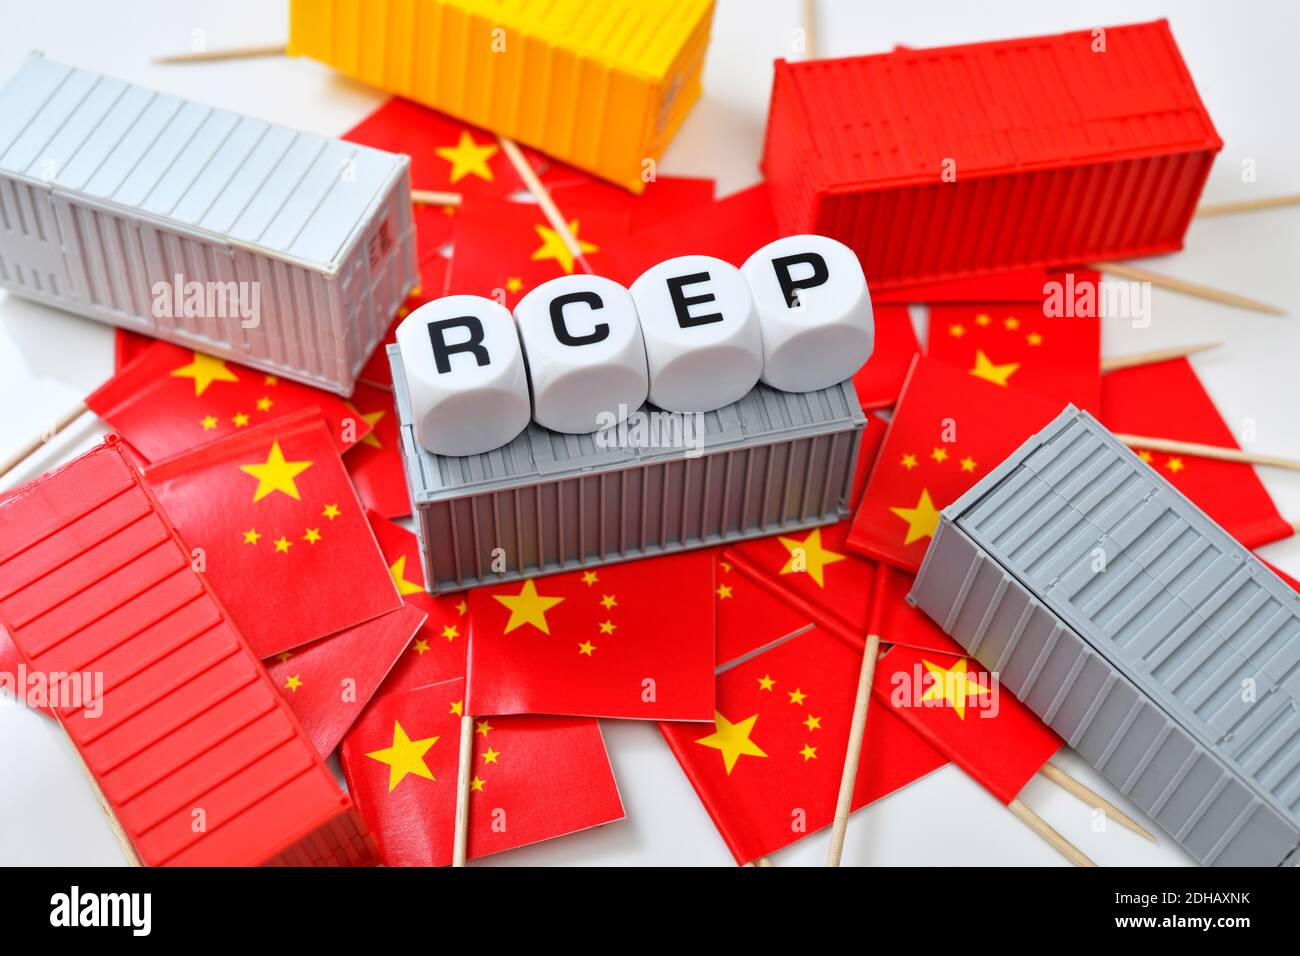 Schriftzug RCEP auf Fahnen der Volksrepublik China mit Containern, asiatisches RCEP-Freihandelsabkommen Banque D'Images